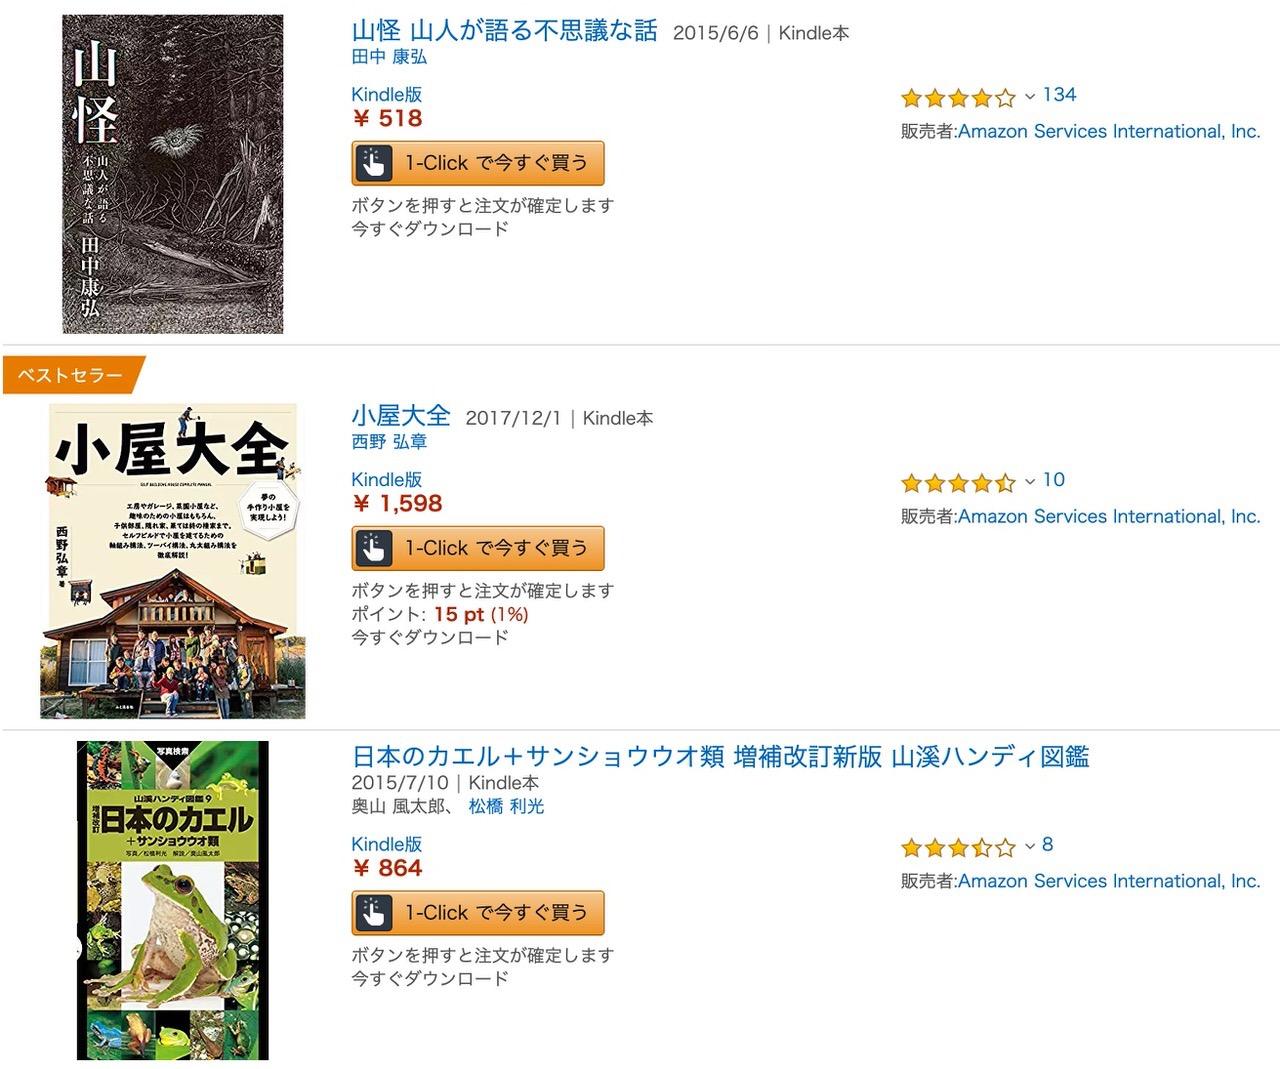 【Kindleセール】60%オフ多数「山と溪谷社 春の実用書フェア」(5/16まで)